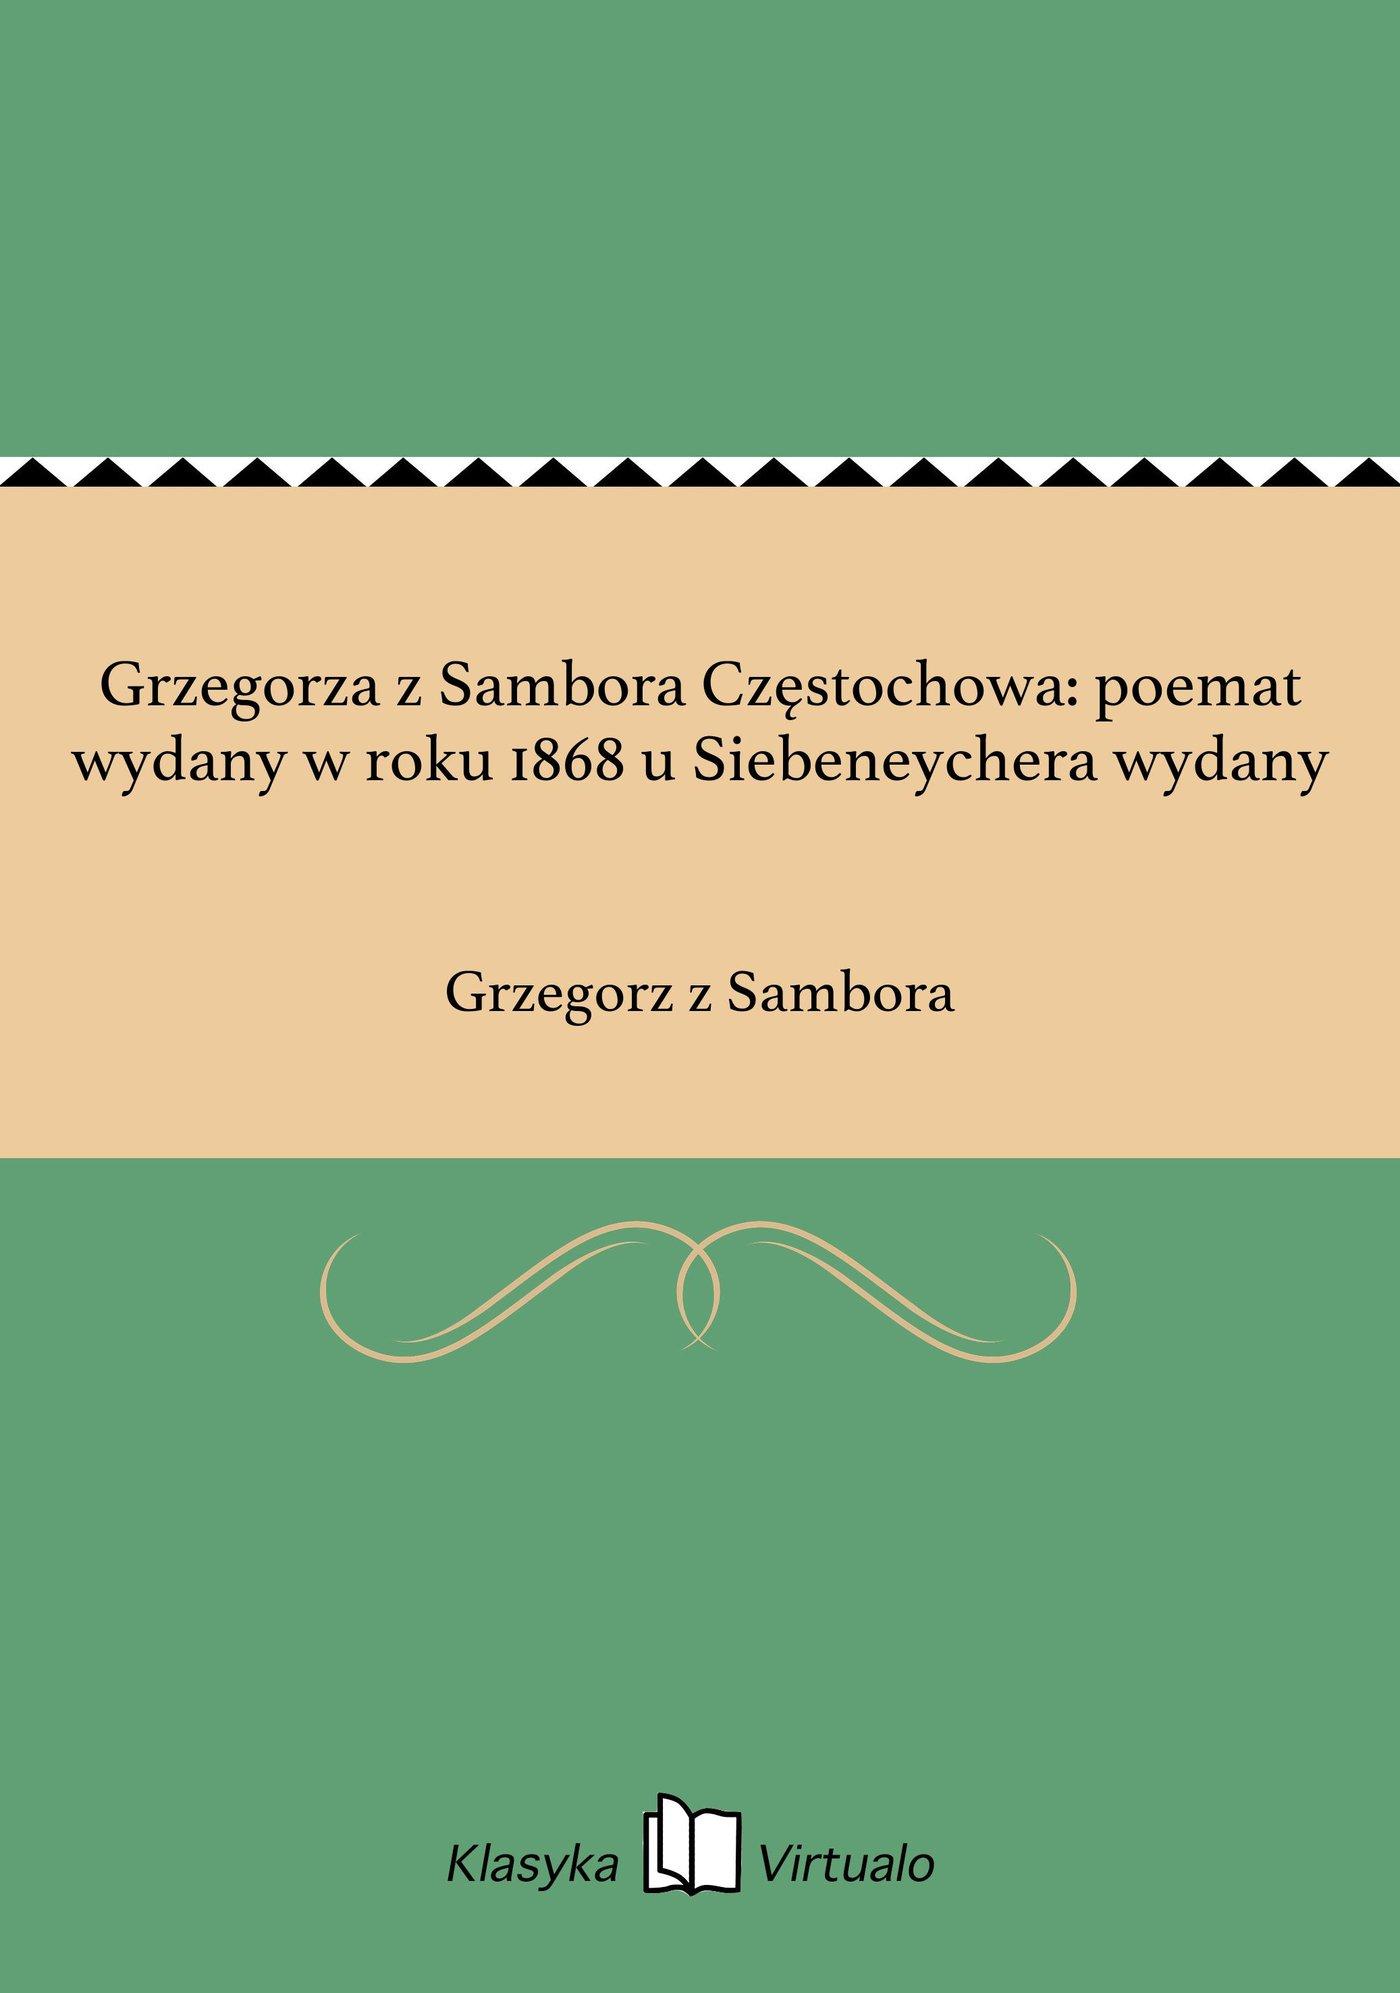 Grzegorza z Sambora Częstochowa: poemat wydany w roku 1868 u Siebeneychera wydany - Ebook (Książka EPUB) do pobrania w formacie EPUB